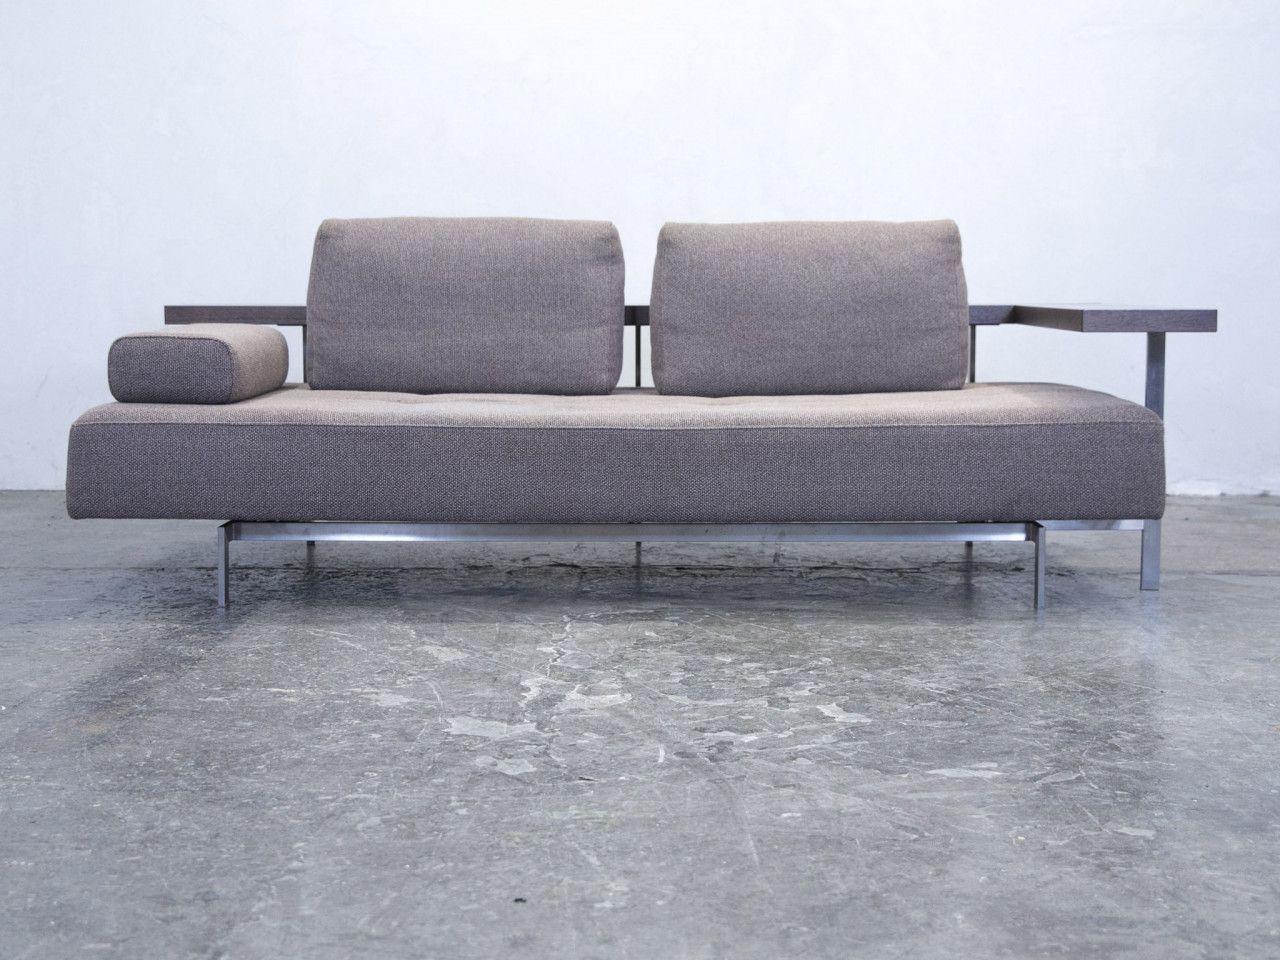 Wunderbar Sofa Mit Funktion Referenz Von Rolf Benz Dono 6100 Designer Grau Stoff